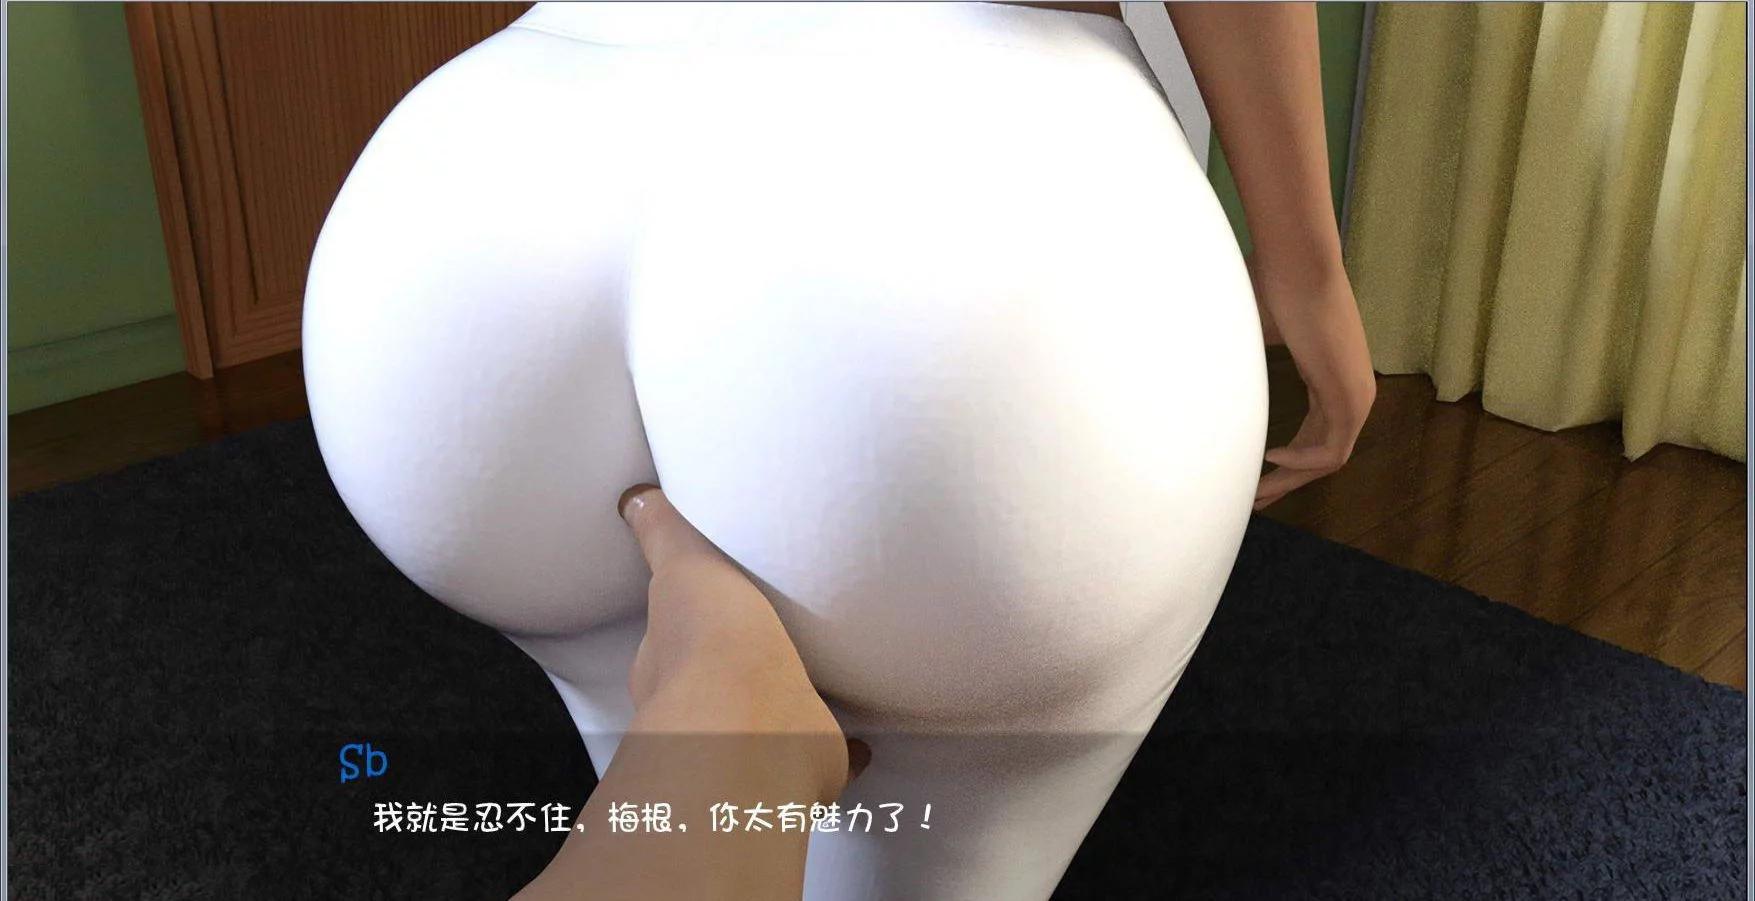 【欧美SLG/汉化/动态CG】沉寂之舞 Ver7.2 精翻完全重置汉化版+全CG【更新/PC+安卓/6.8G】